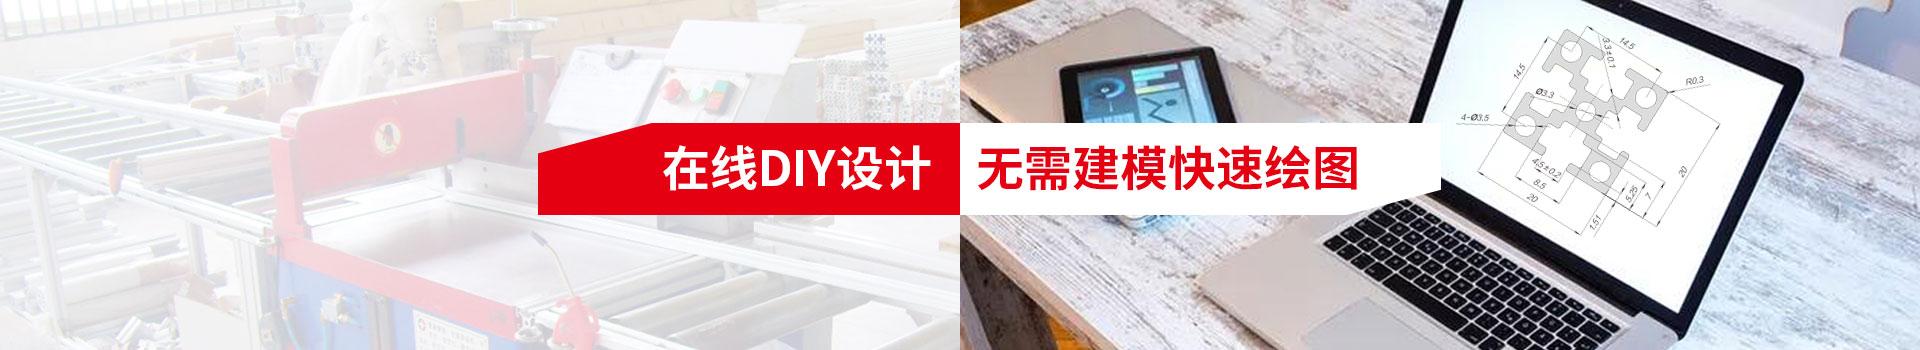 工业铝型材   在线DIY设计    无需建模快速绘图